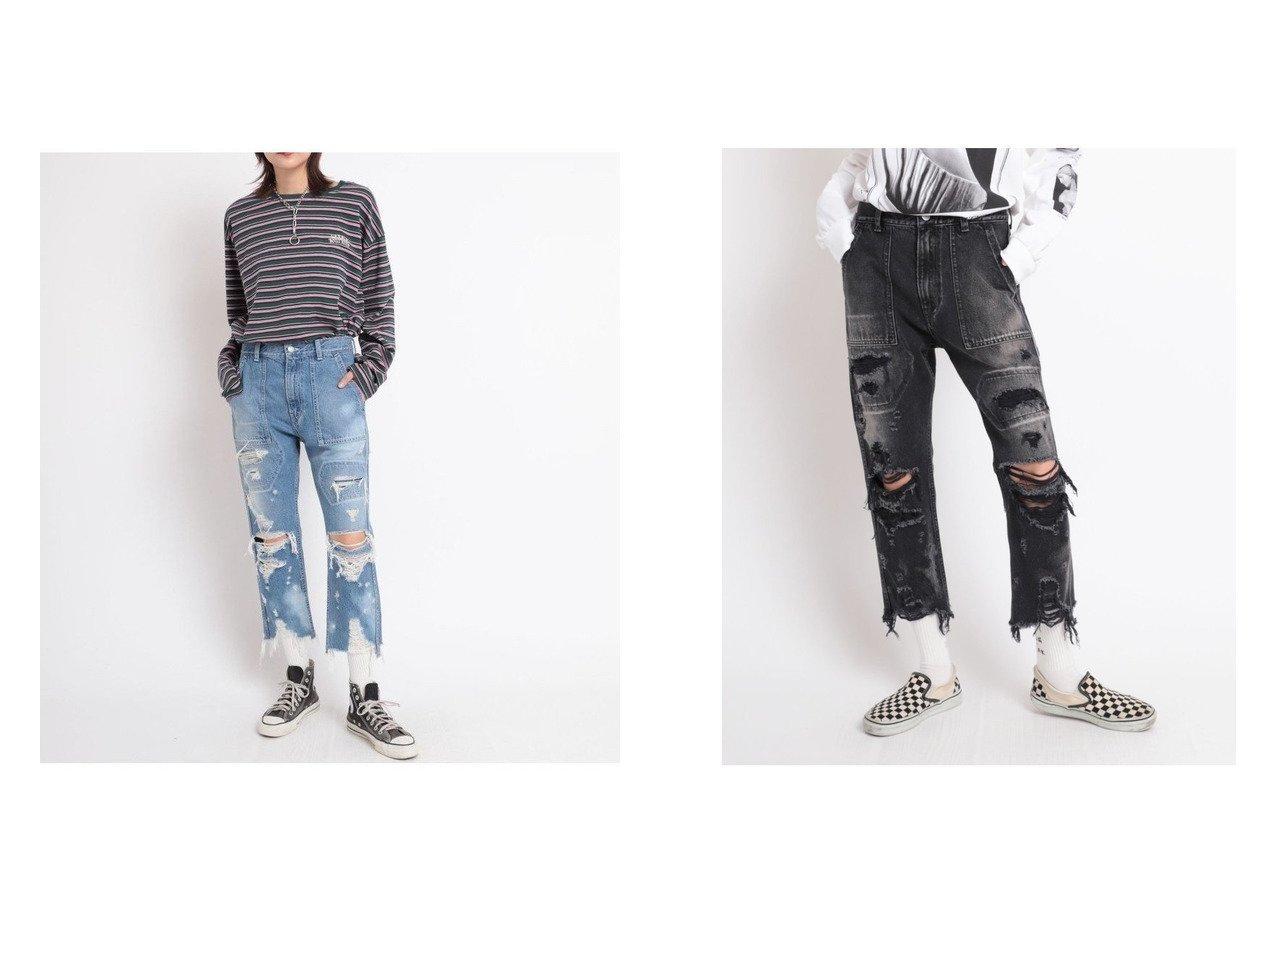 【RNA/アールエヌエー】のR3862 ハードダメージベイカーパンツ おすすめ!人気、トレンド・レディースファッションの通販 おすすめで人気の流行・トレンド、ファッションの通販商品 インテリア・家具・メンズファッション・キッズファッション・レディースファッション・服の通販 founy(ファニー) https://founy.com/ ファッション Fashion レディースファッション WOMEN パンツ Pants おすすめ Recommend ジーンズ ストレート ダメージ デニム メンズ  ID:crp329100000061075